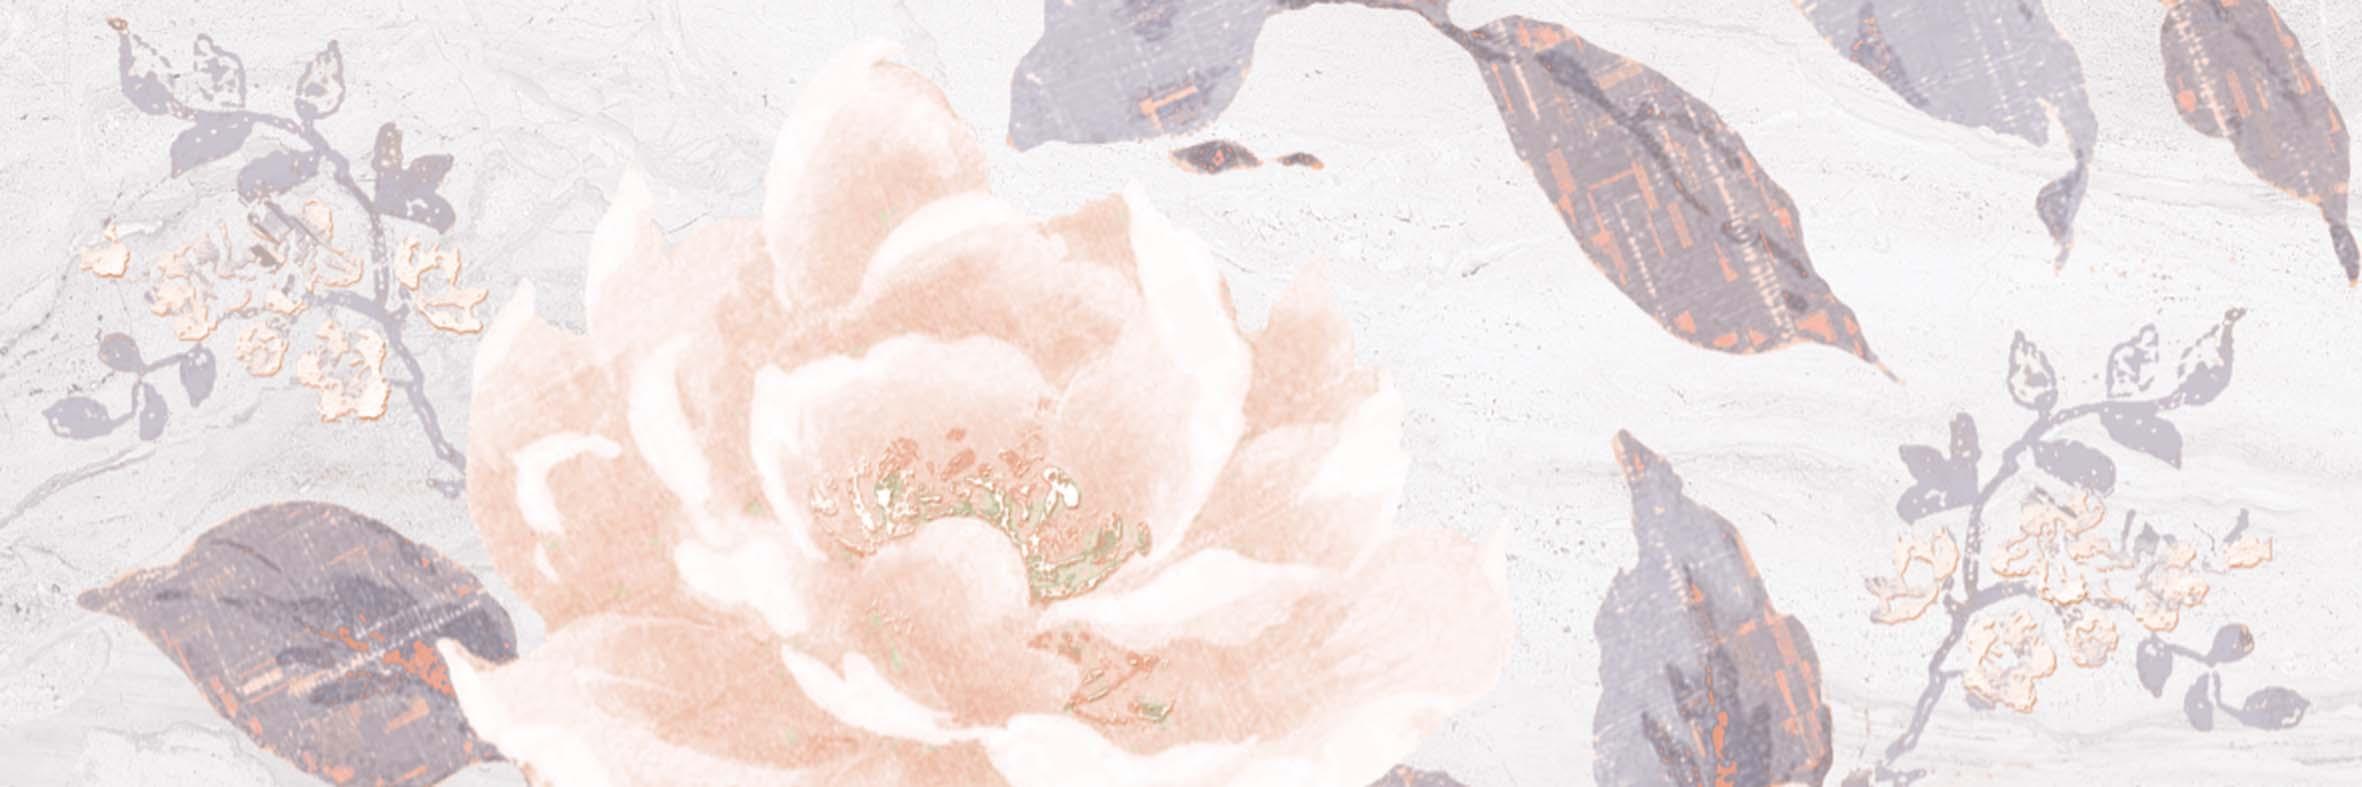 Декор Даф серый (04-01-1-17-03-06-643-0)